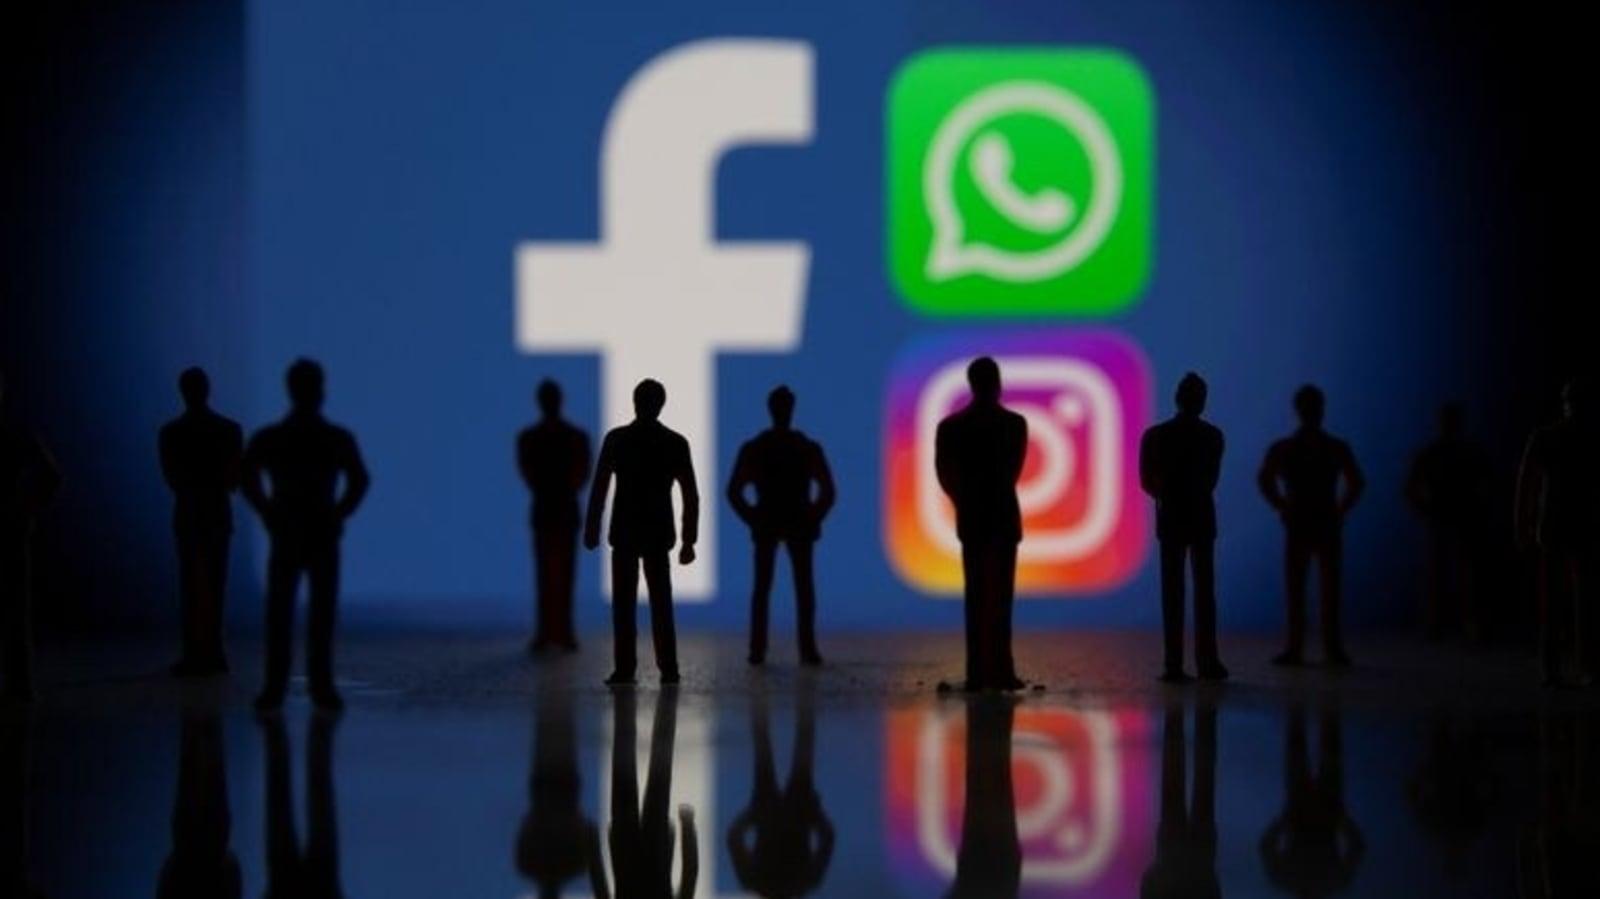 झण्डै ६ घण्टापछि फेसबुक, ह्वाट्सएप र इन्स्टाग्रामका अर्बौँ प्रयोगकर्ताले पुन: सेवा प्रयोग गर्न पाए